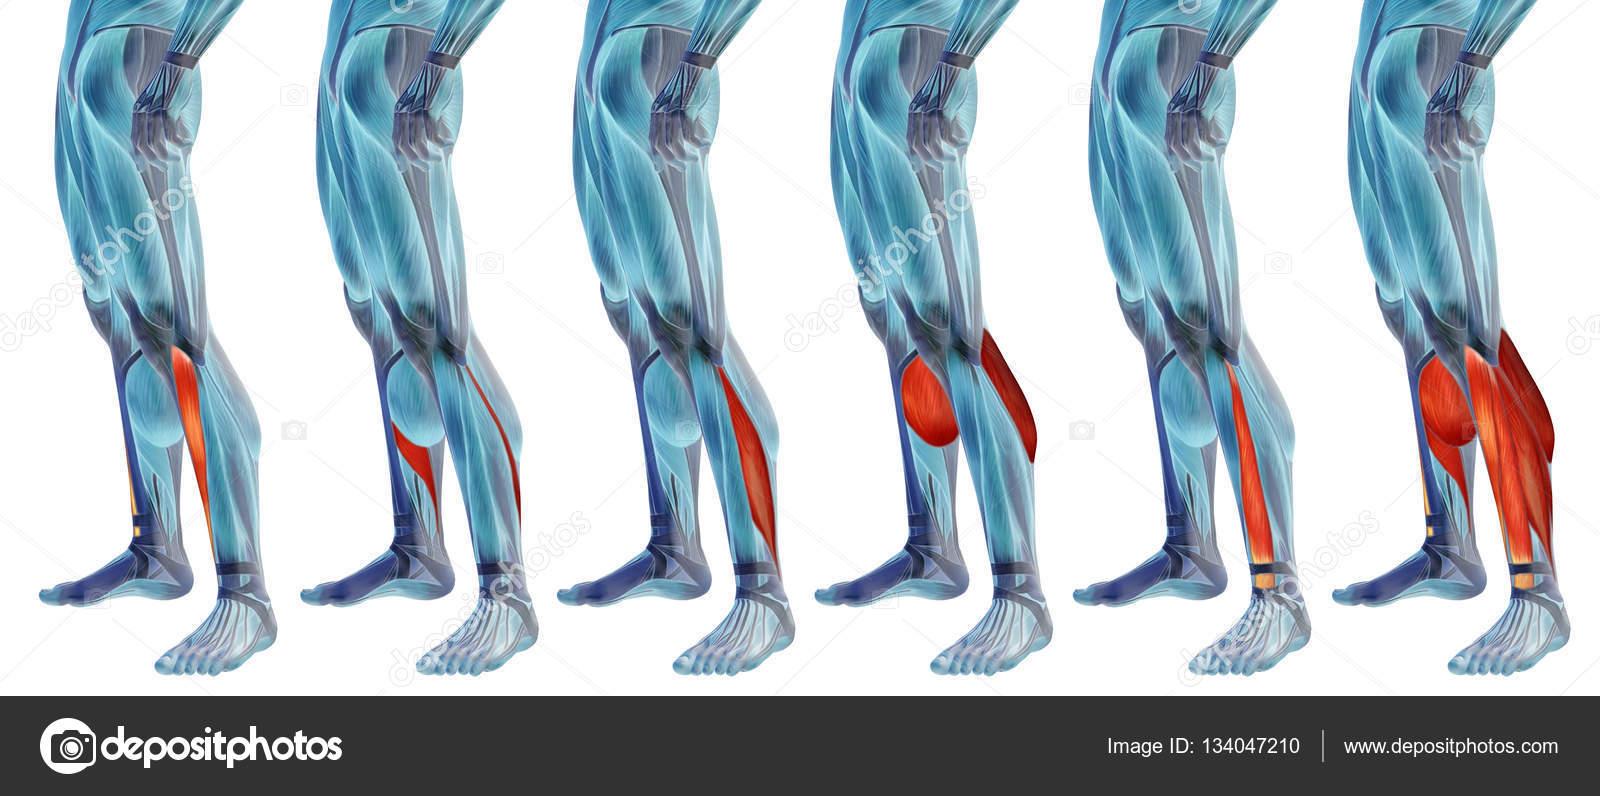 Concepto o conceptual 3d inferior pierna anatomía o anatómicos y el ...